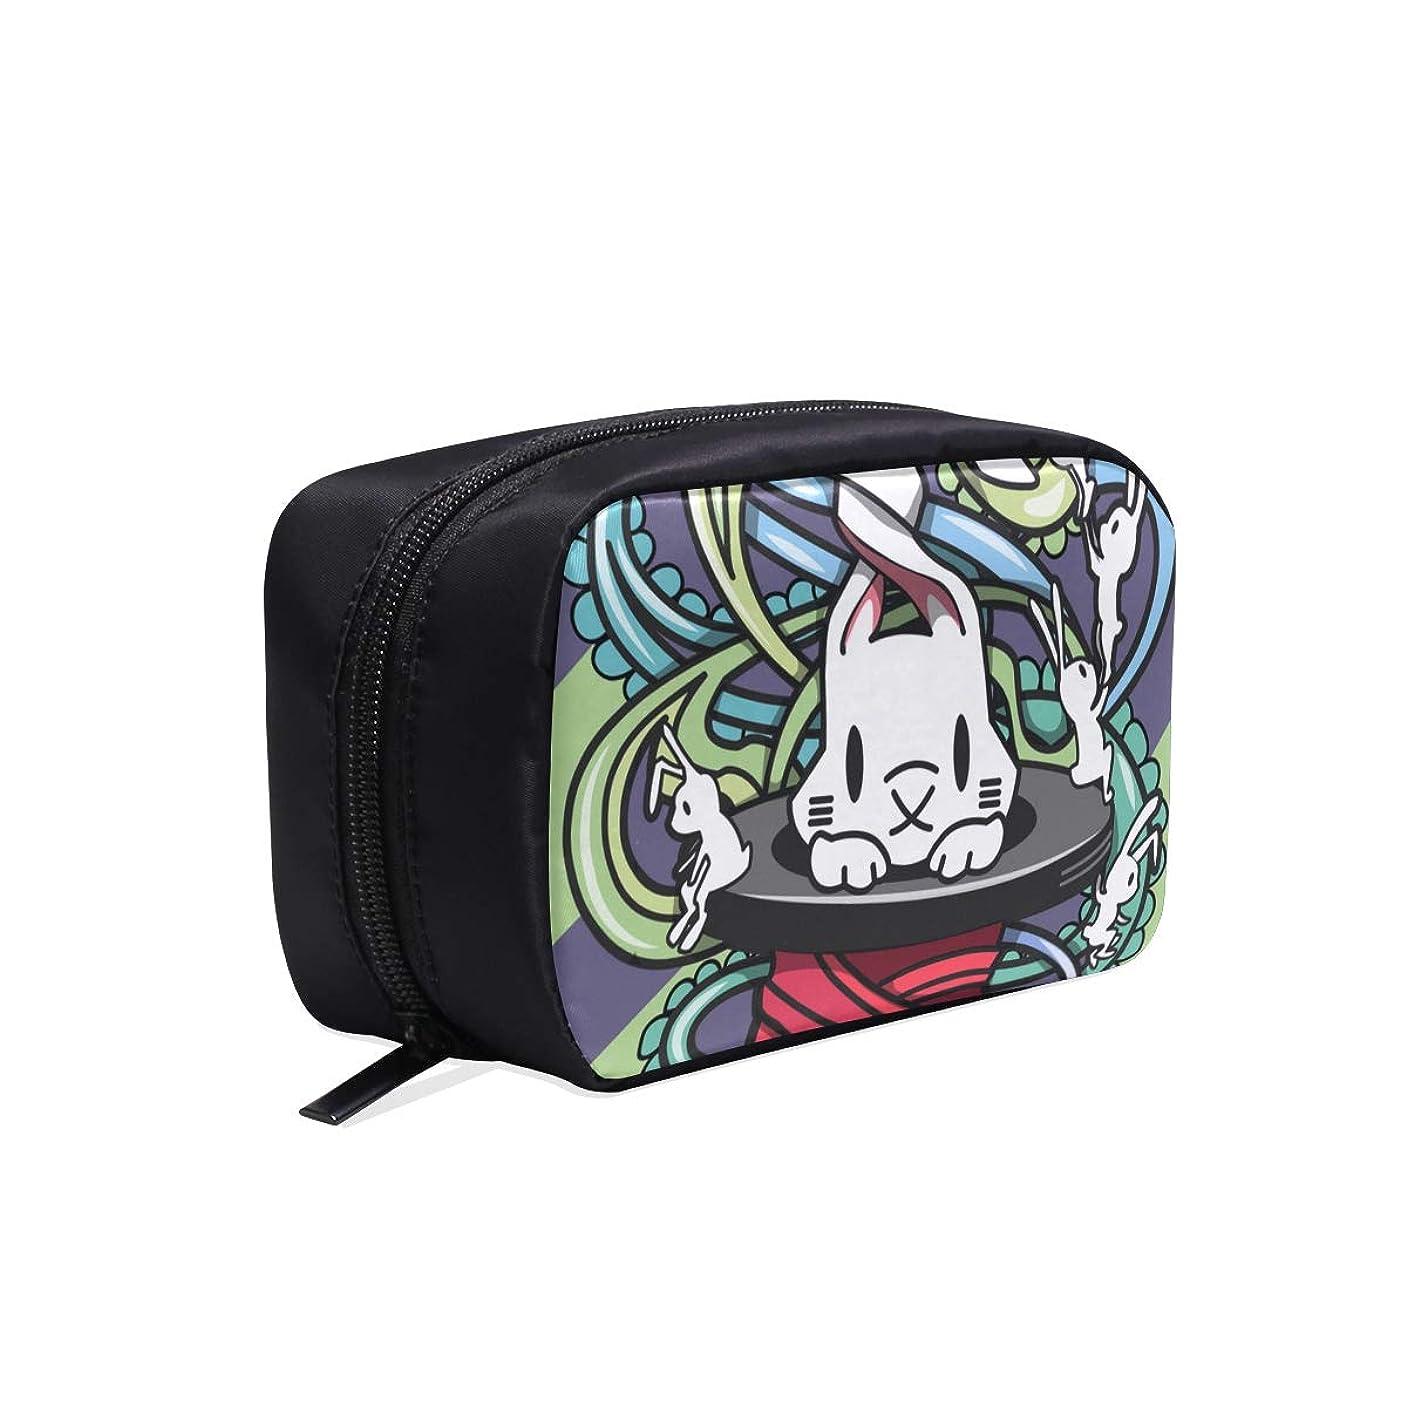 眠いですアスレチックたまにGGSXD メイクポーチ おもしろいうさぎや帽子 ボックス コスメ収納 化粧品収納ケース 大容量 収納 化粧品入れ 化粧バッグ 旅行用 メイクブラシバッグ 化粧箱 持ち運び便利 プロ用